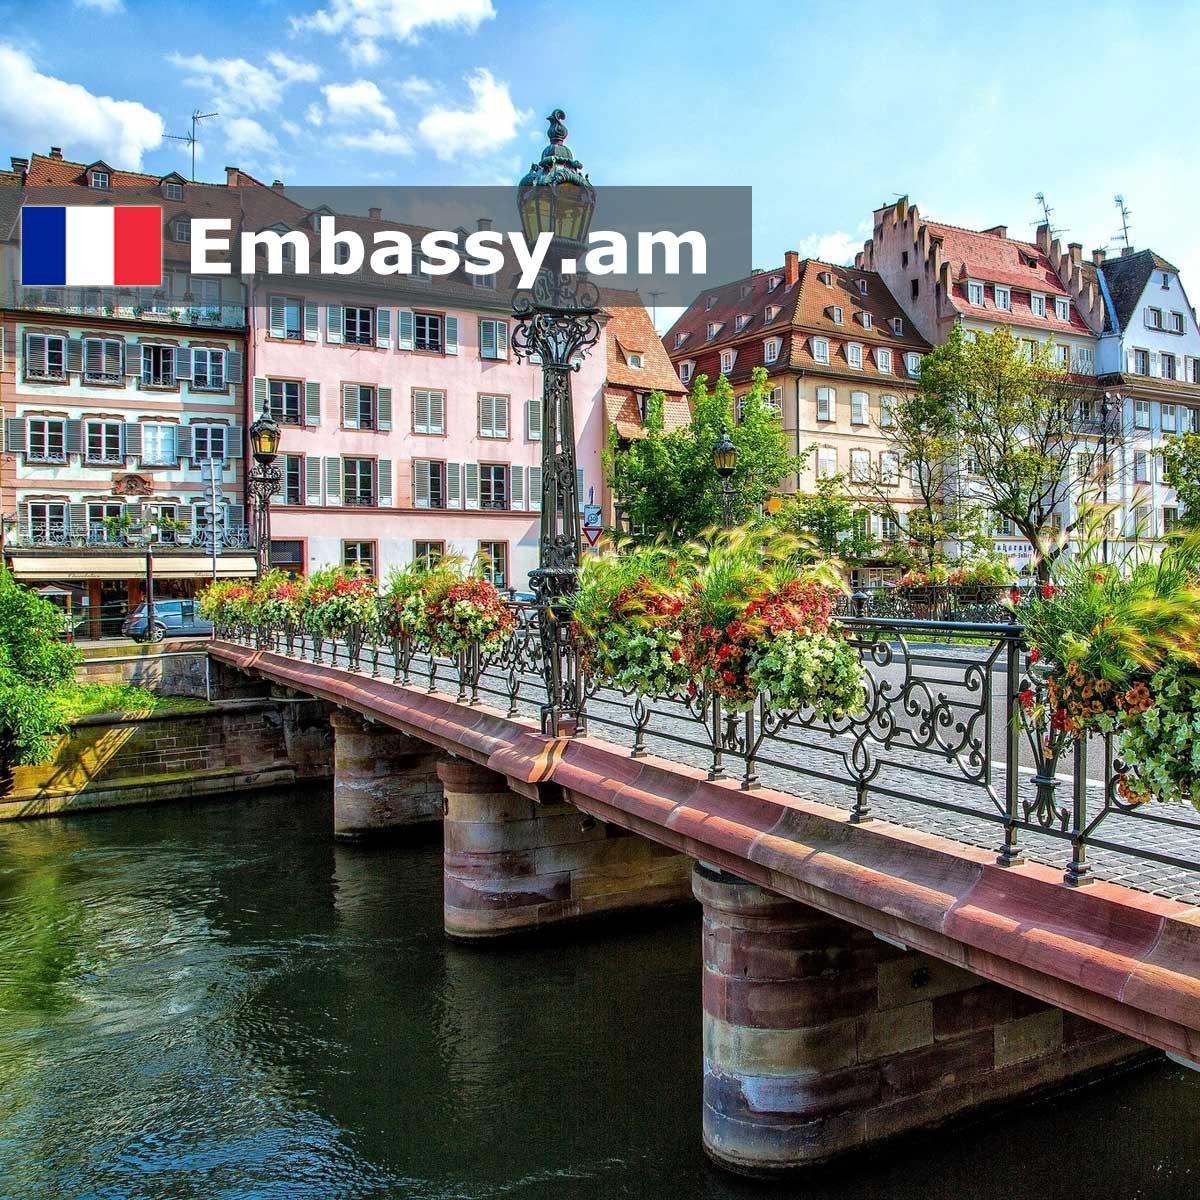 Страсбург - Отели во Франции - Embassy.am